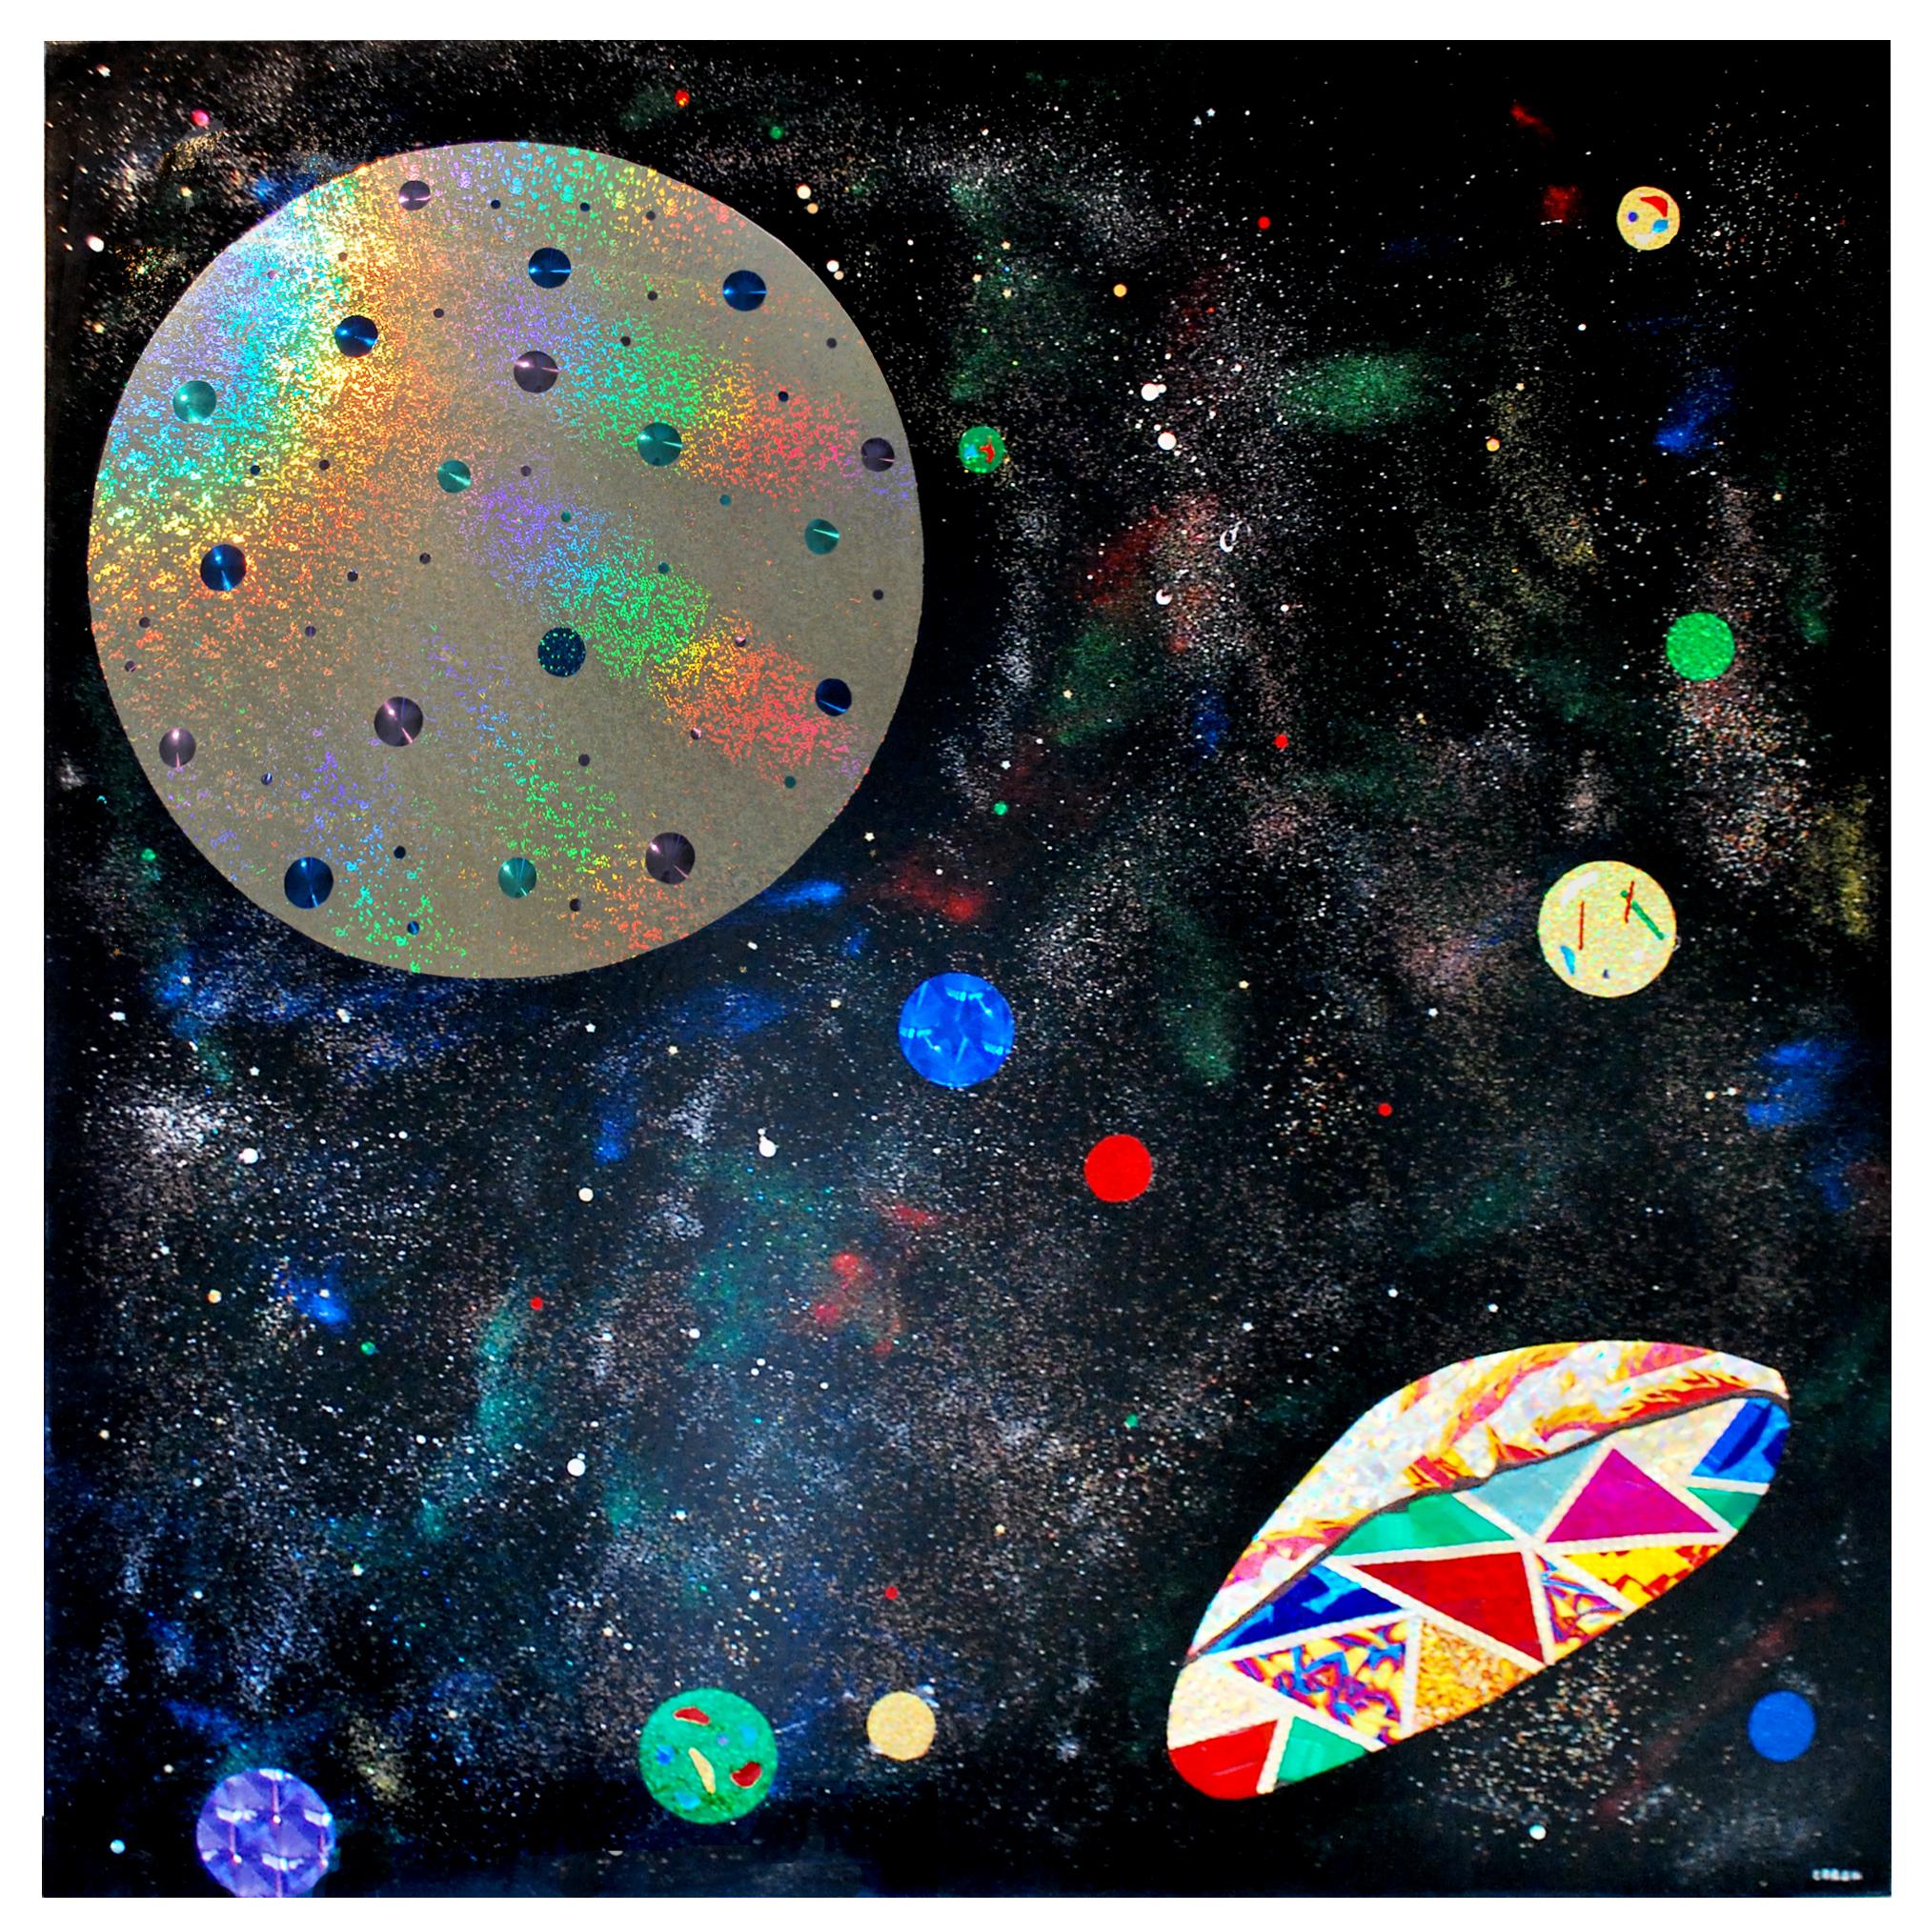 Un universo de posibilidades